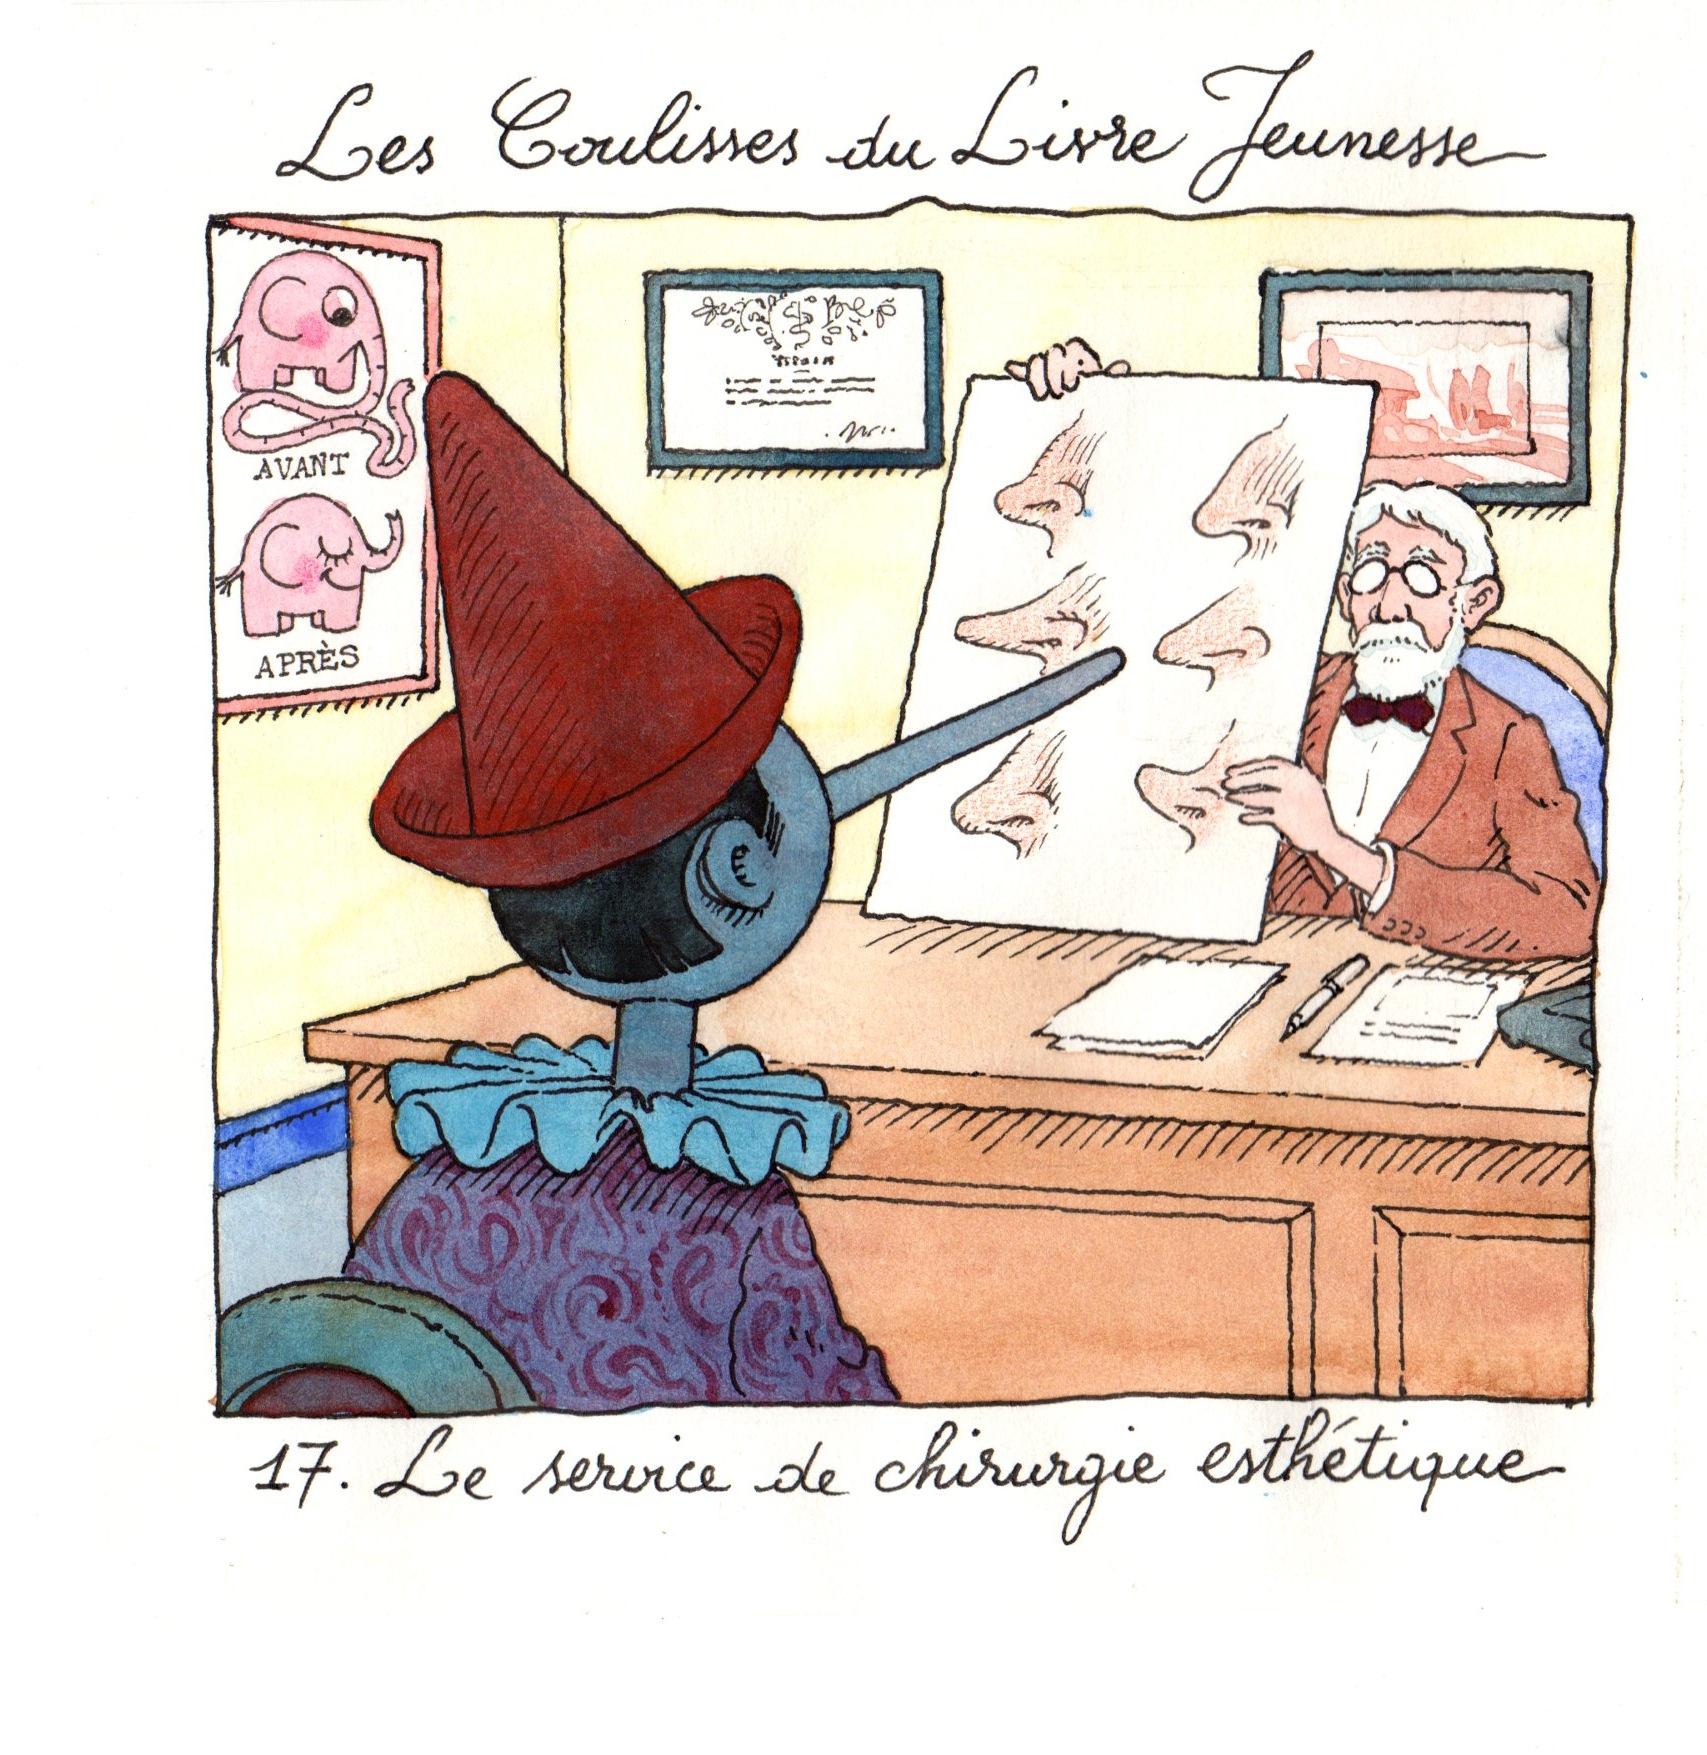 Le service de chirurgie esthétique | Le service de chirurgie esthétique / Les Coulisses du Livre Jeunesse | Gilles Bachelet